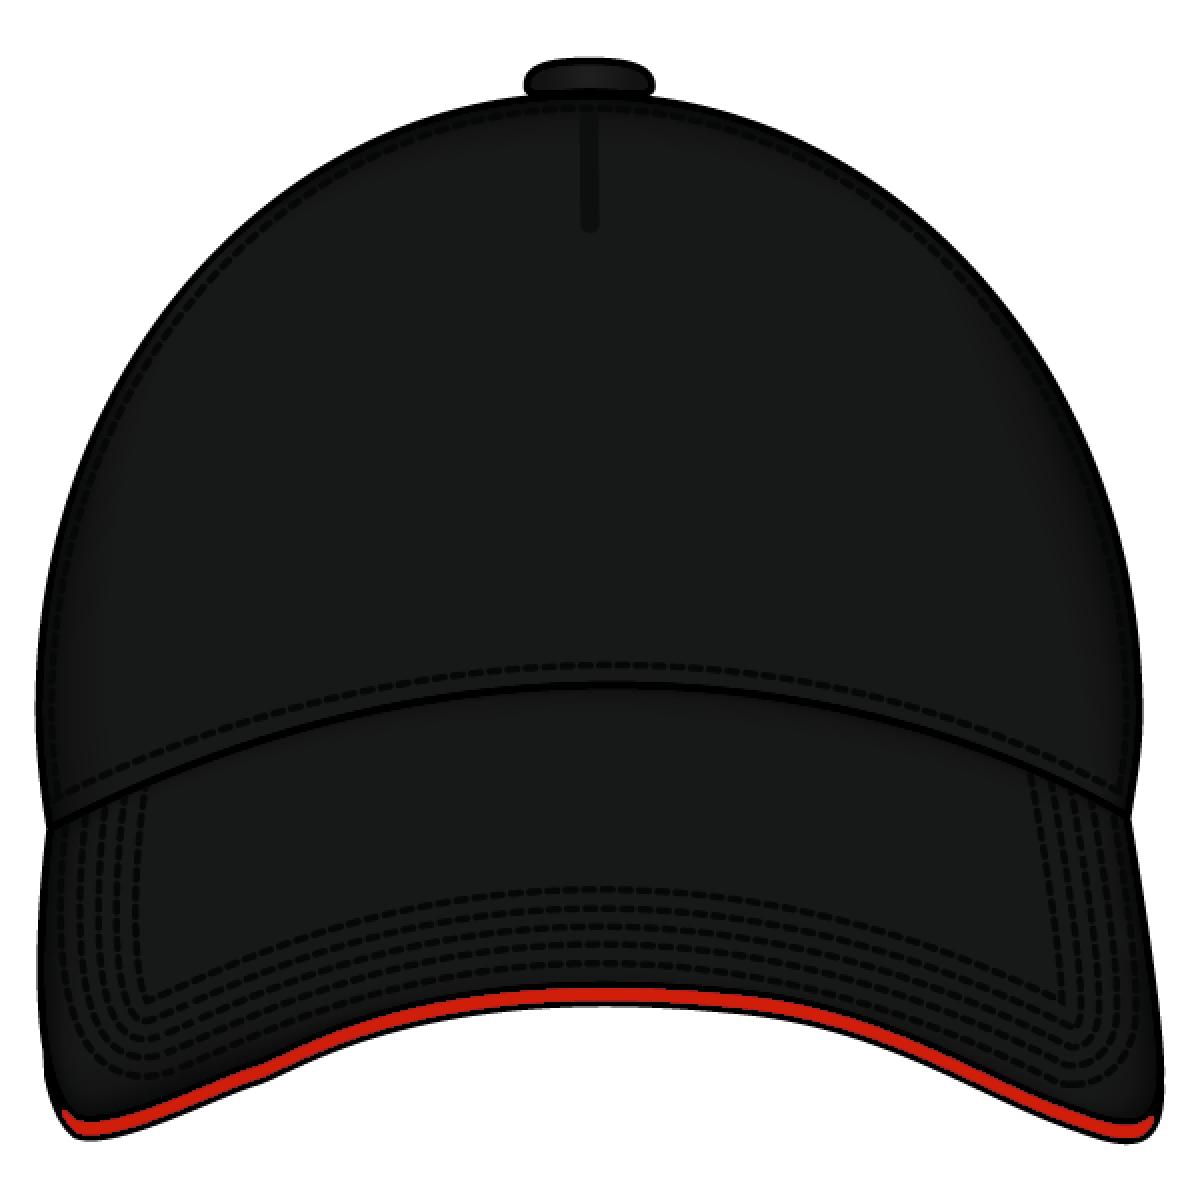 Free baseball hanslodge clip. Cop clipart cap